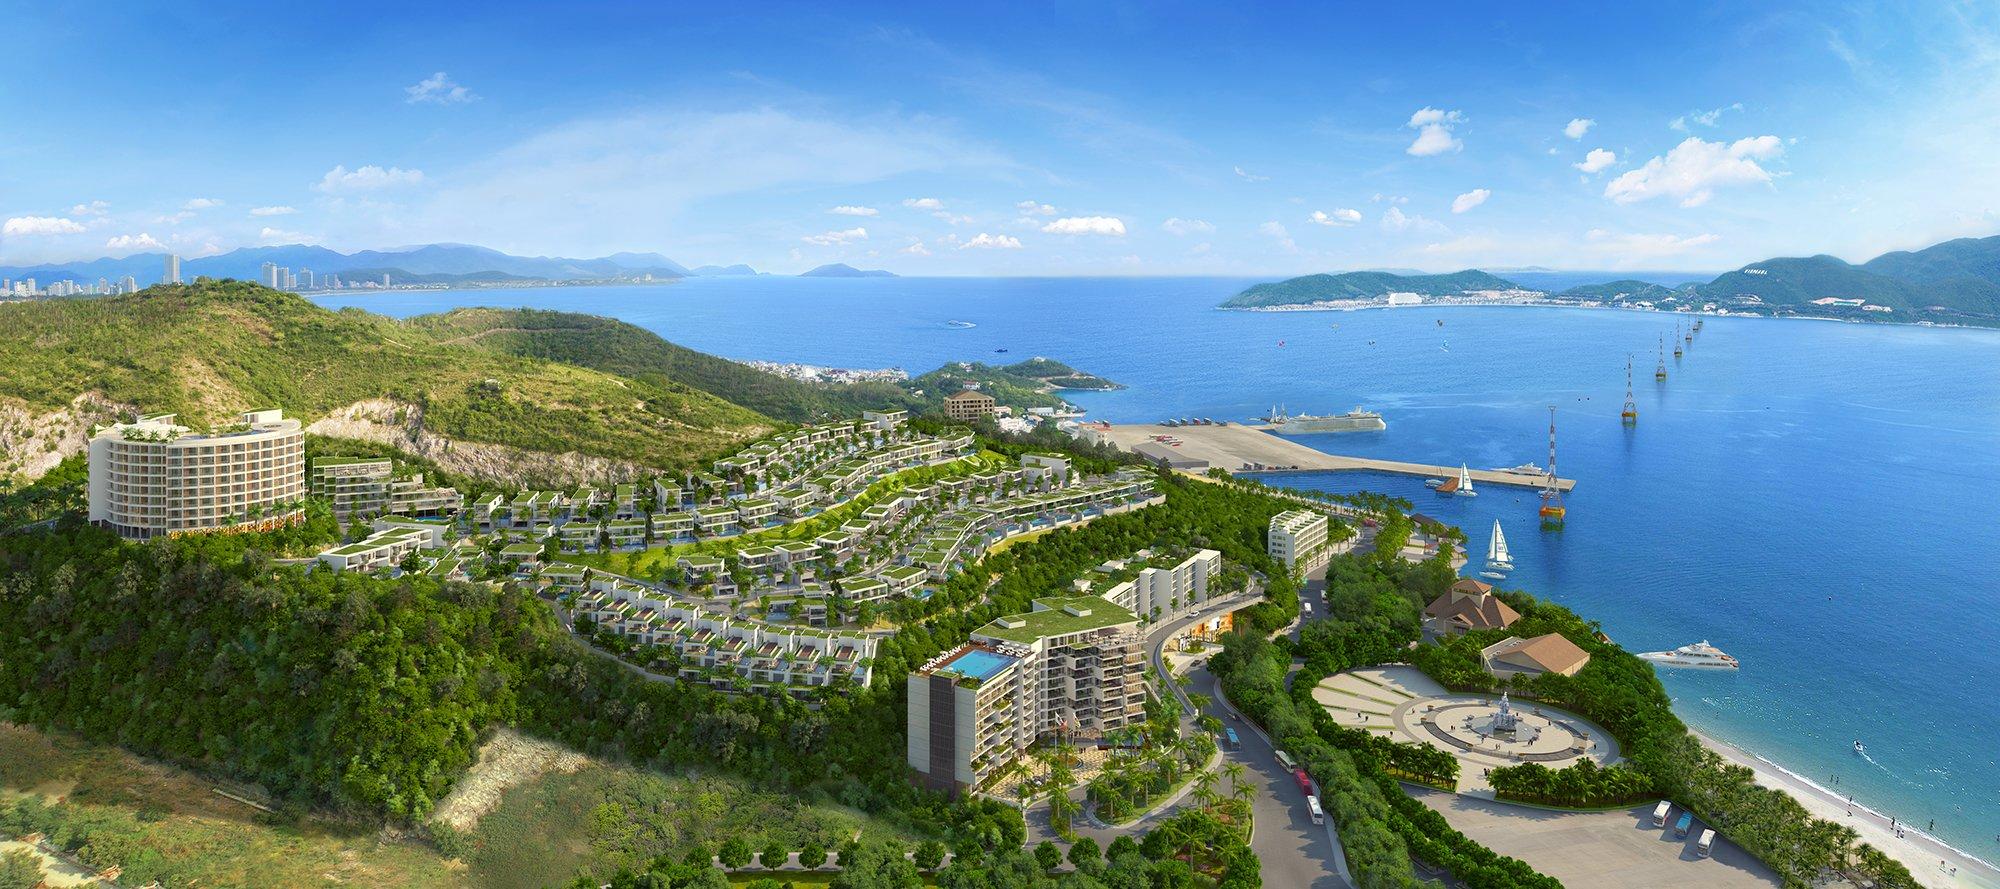 Phối cảnh dự án biệt thự biển Nha Trang Grand View